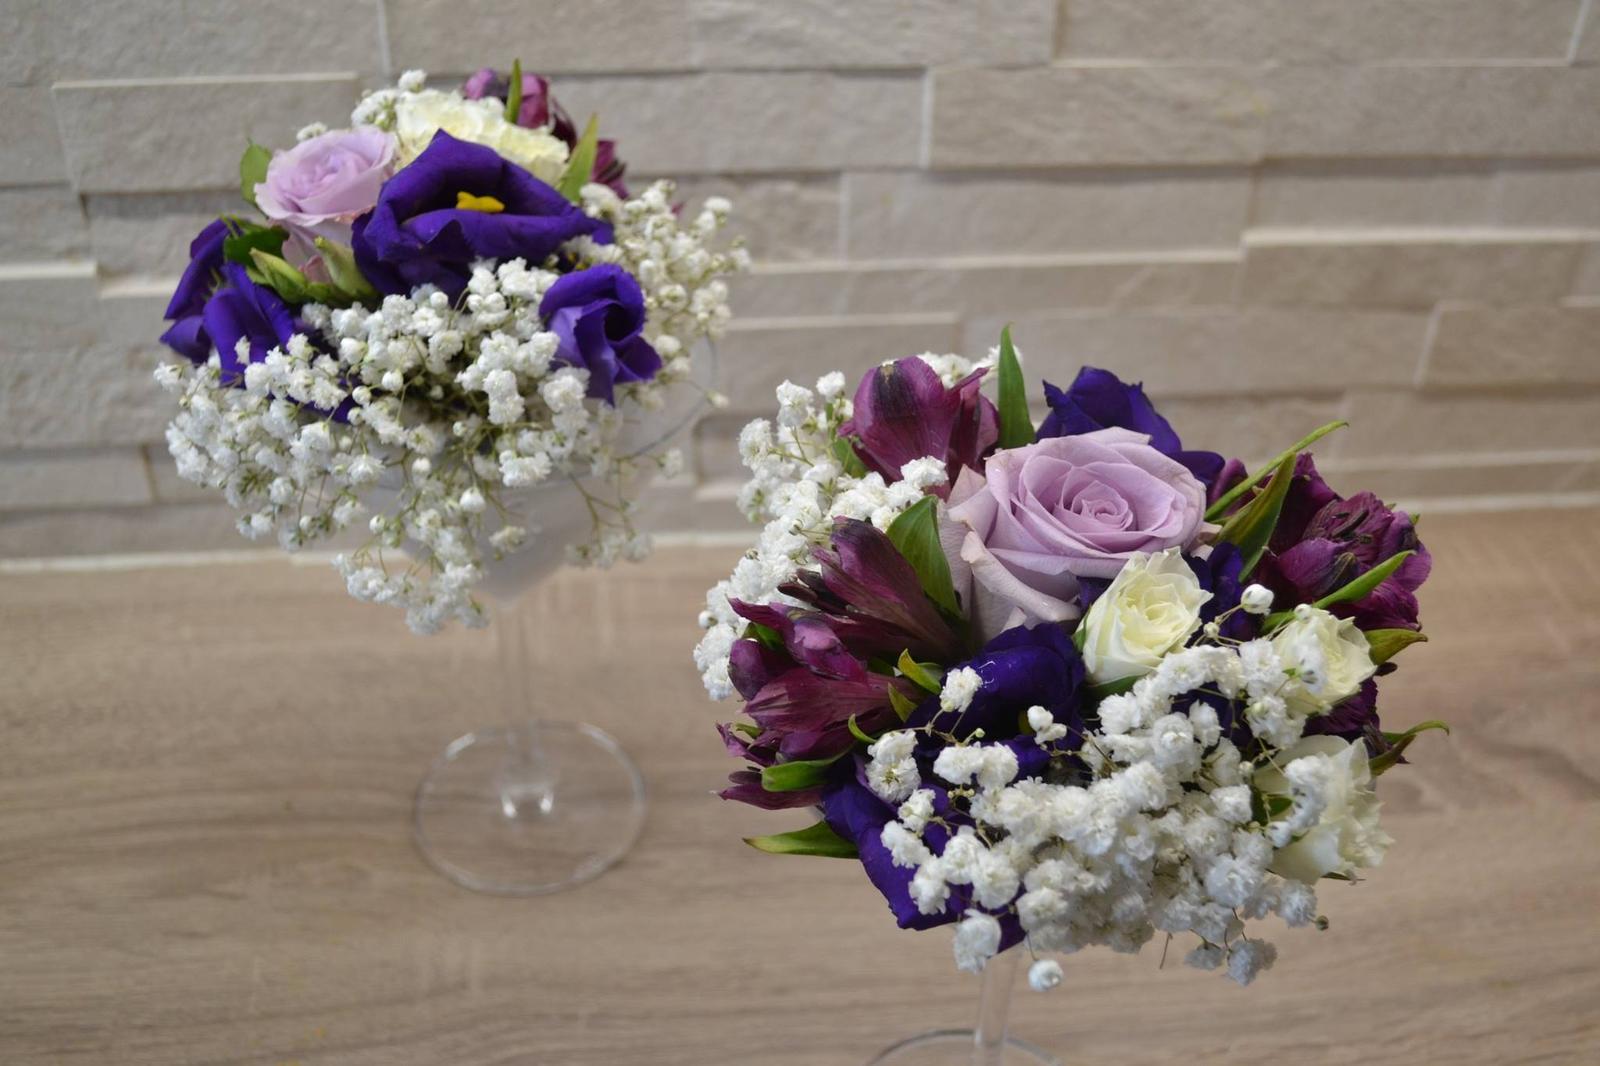 Nejkrásnější svatba - Svatební květinová výzdoba do hotelu Atlantis